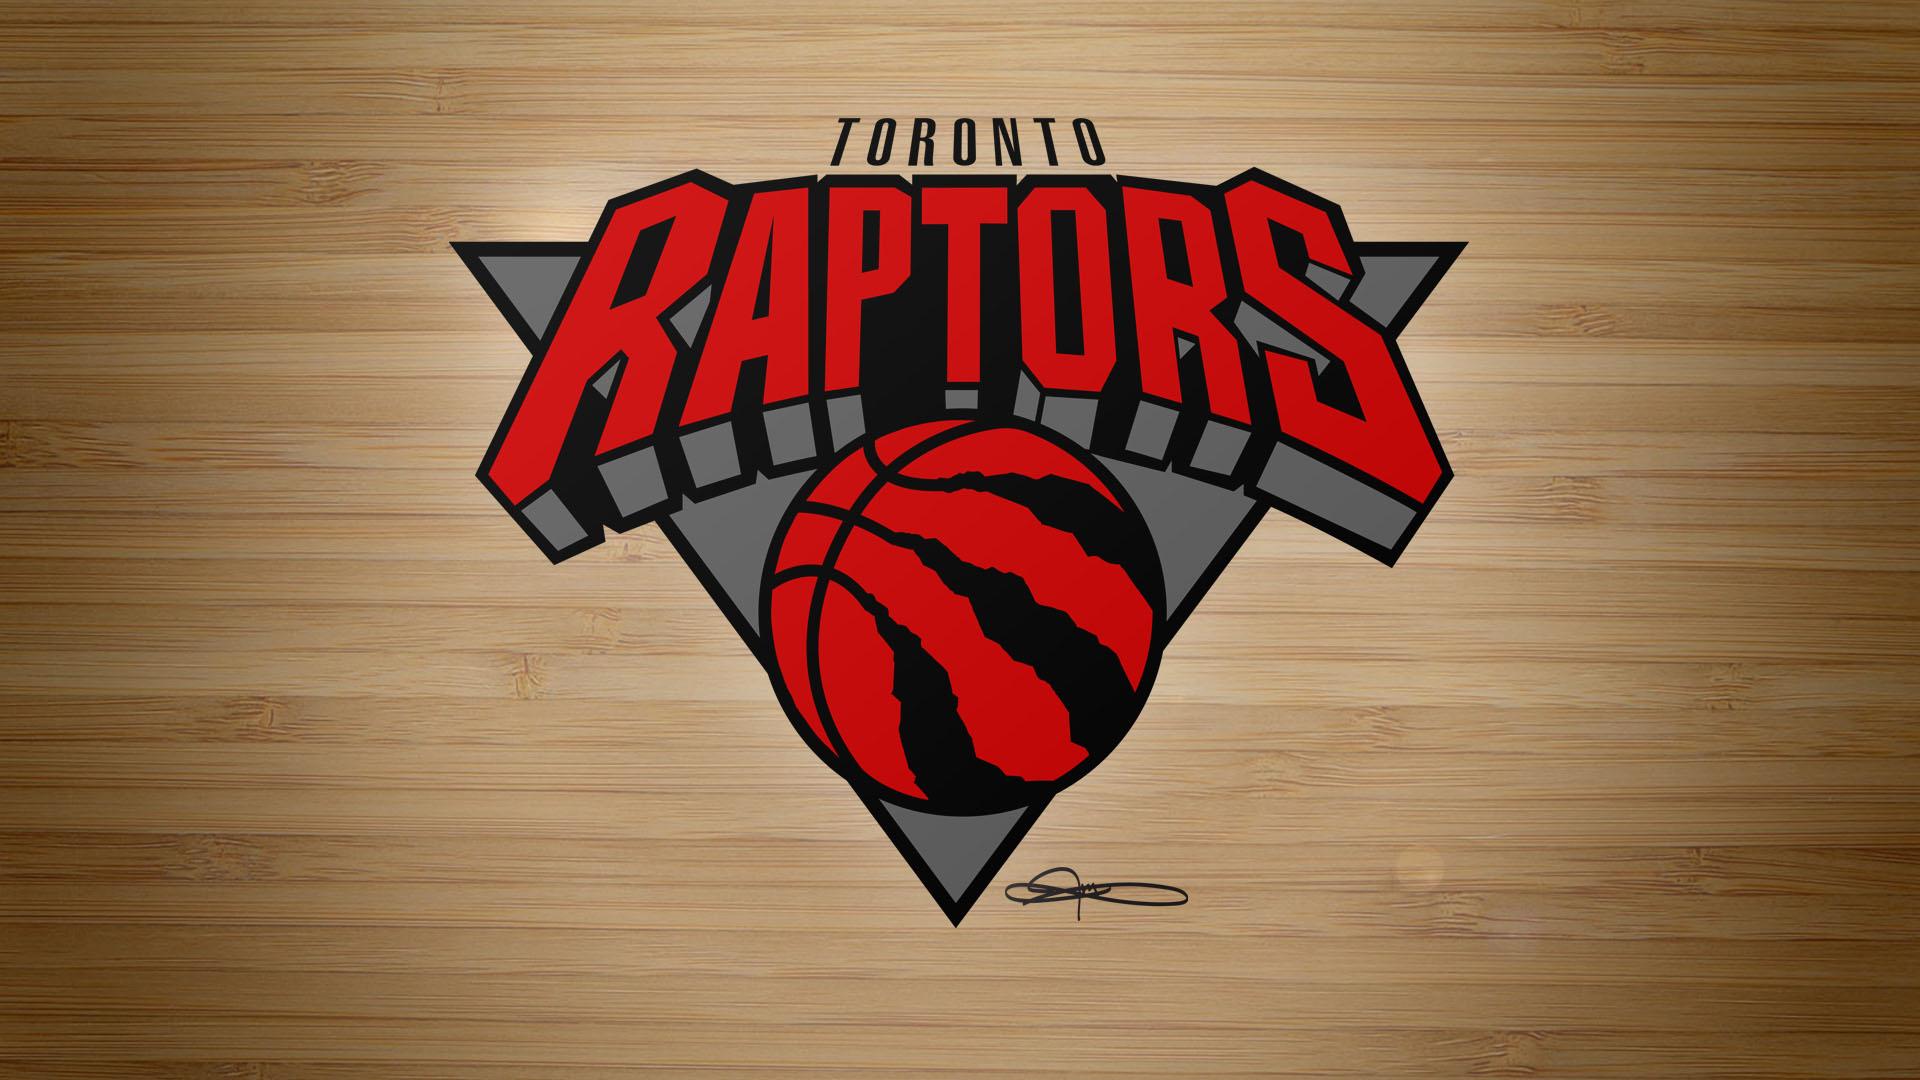 Raptors X Knicks